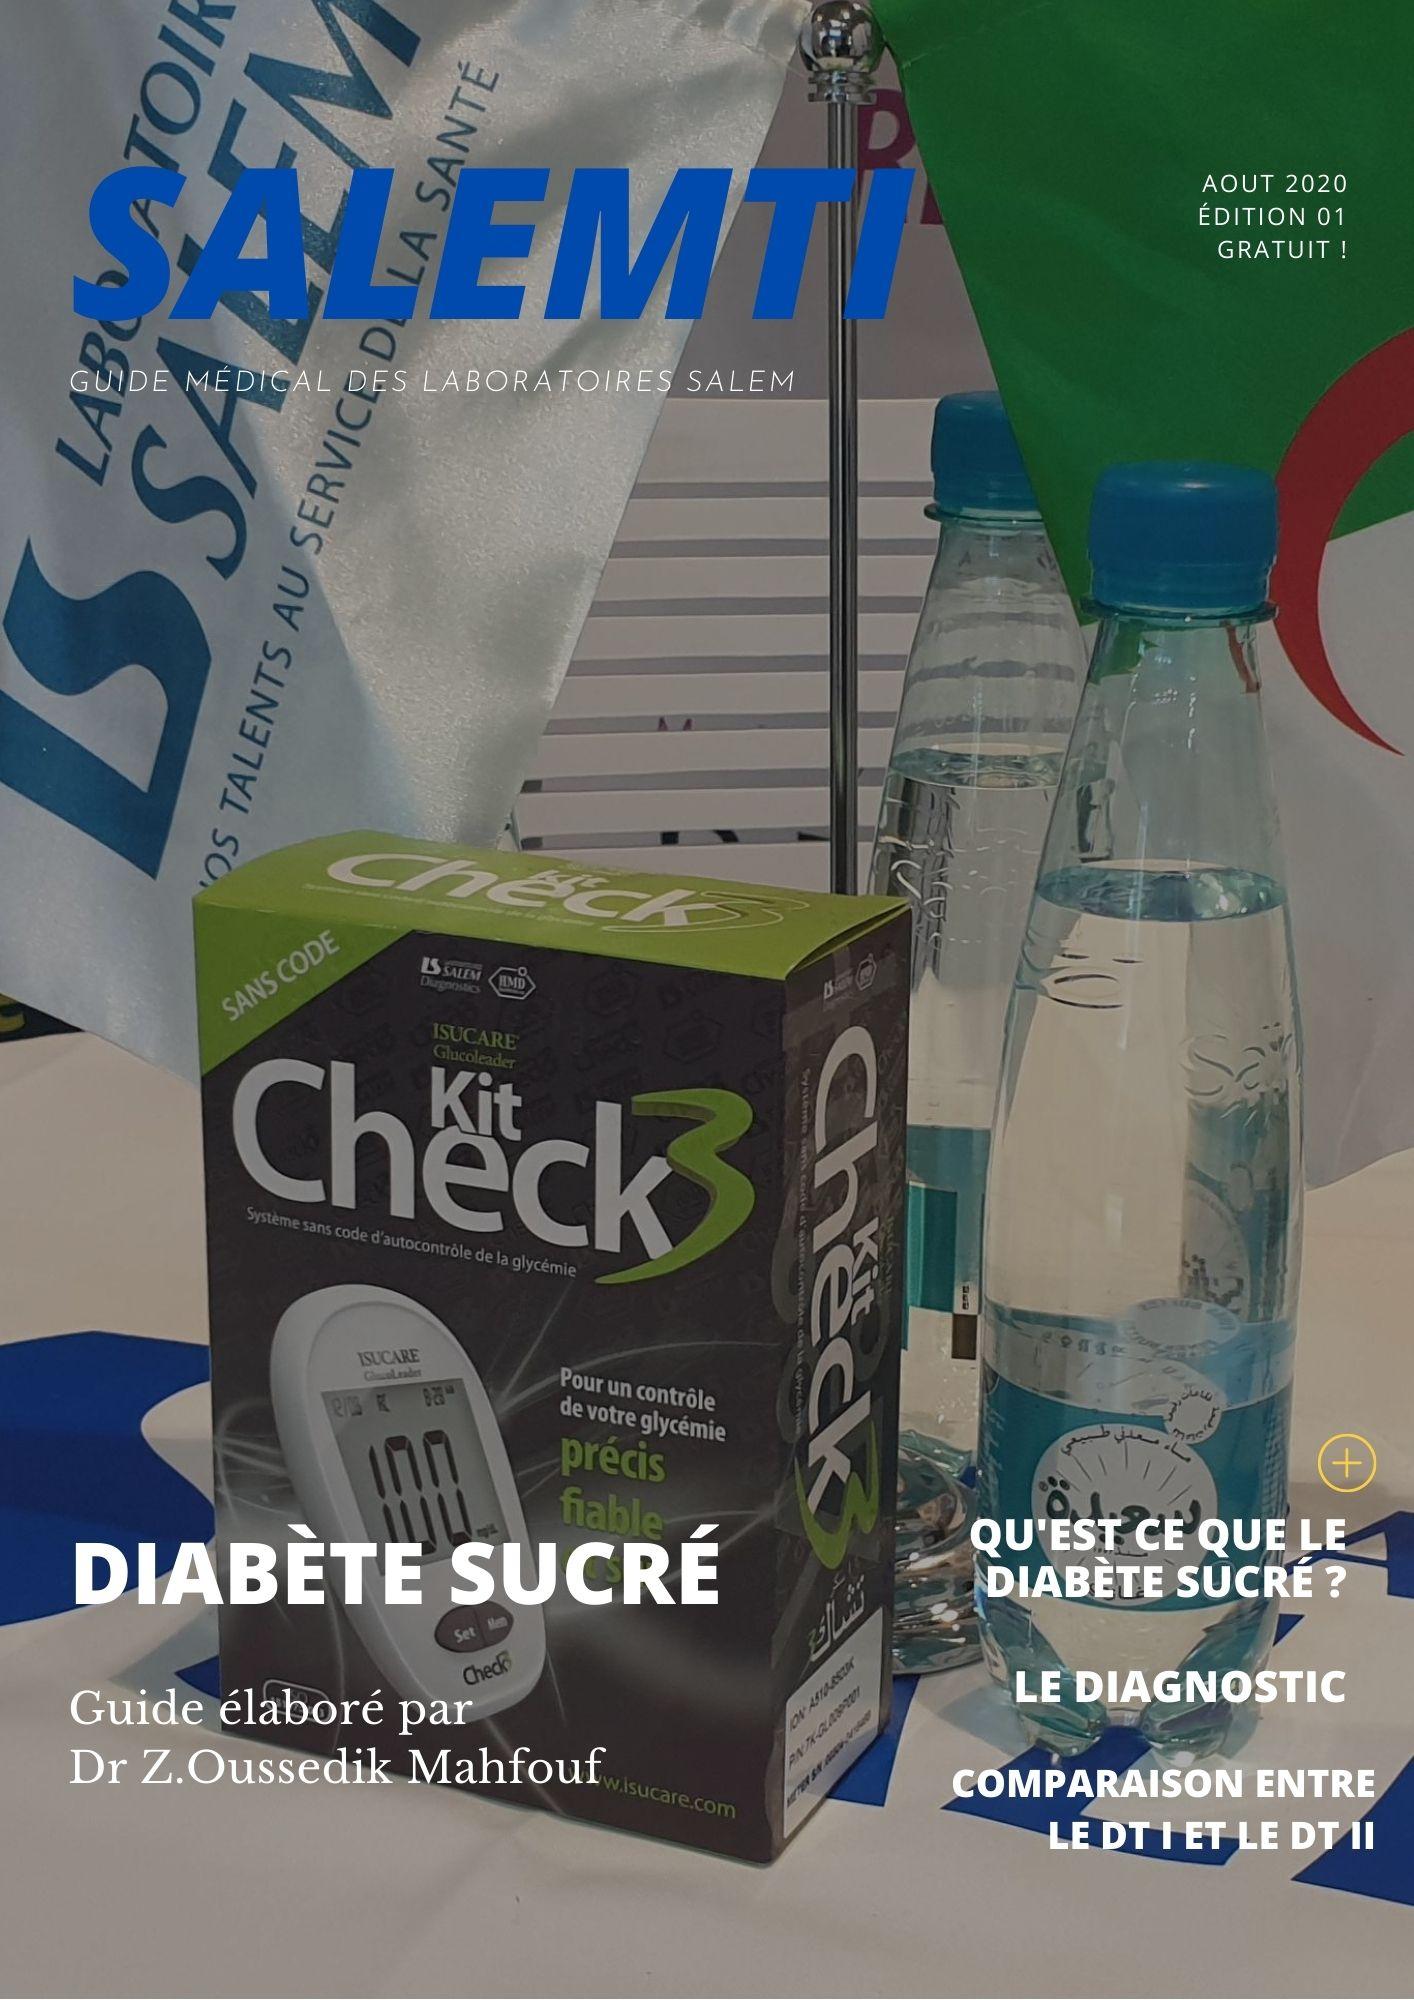 diabète, diabète de type 1, dt1, diabète de type 2, dt2, diabete, glycémie, guide, guide santé, guide laboratoires salem, guide labosalem,guide salemti